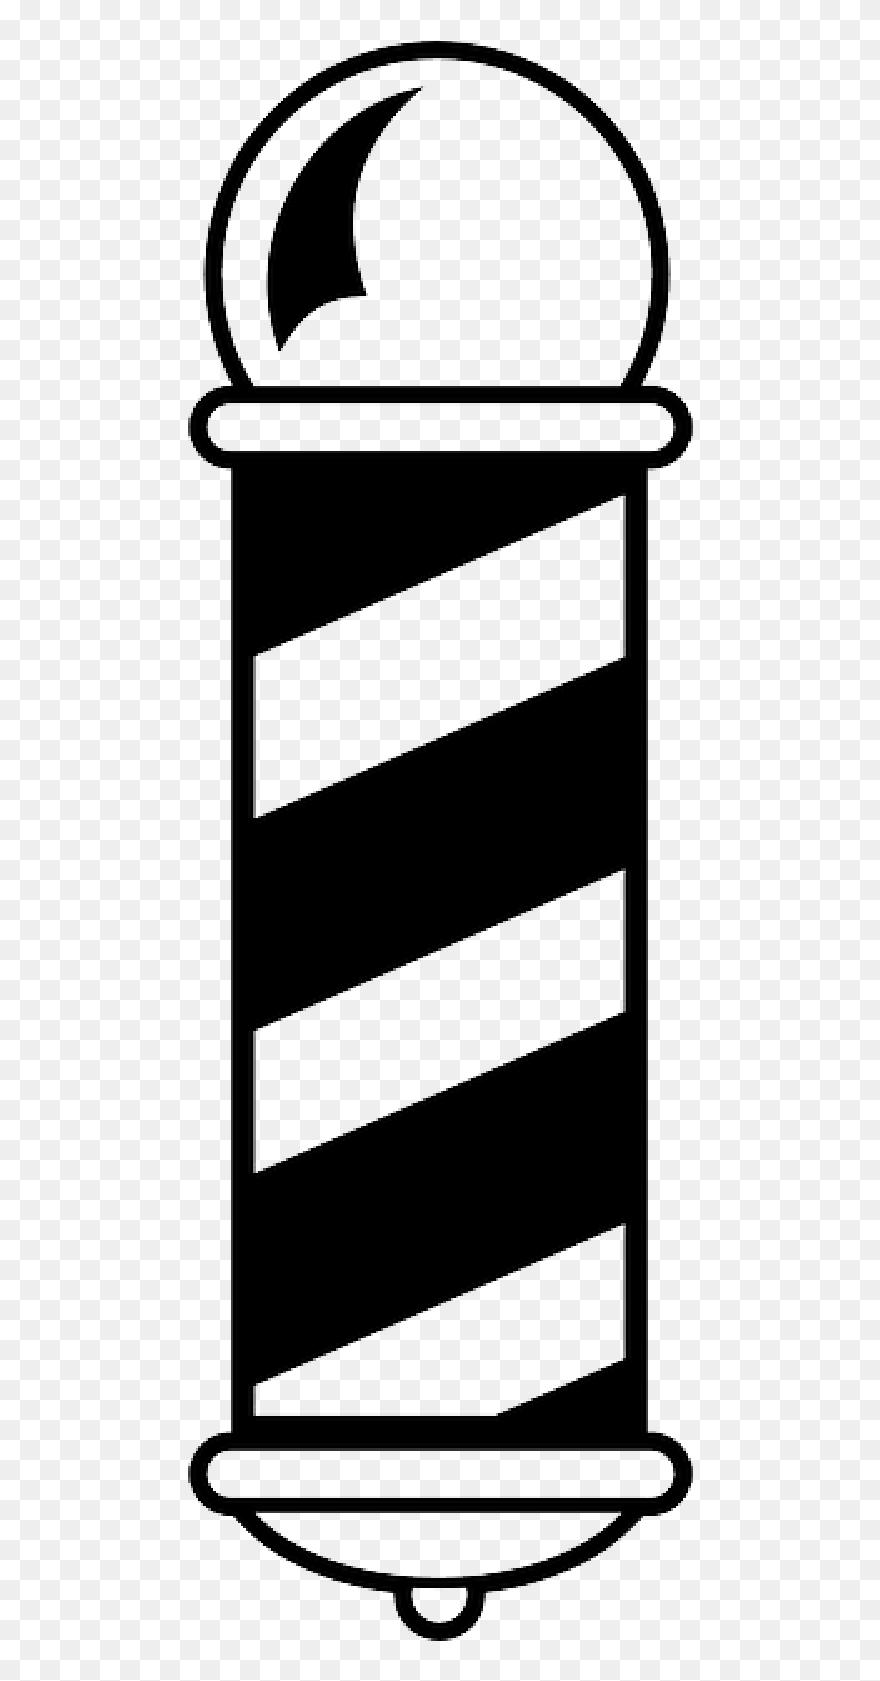 Lampu Barbershop Png : lampu, barbershop, Black,, Silhouette,, White,, Cartoon,, Logos,, Barber, Vector, Clipart, (#5307399), PinClipart